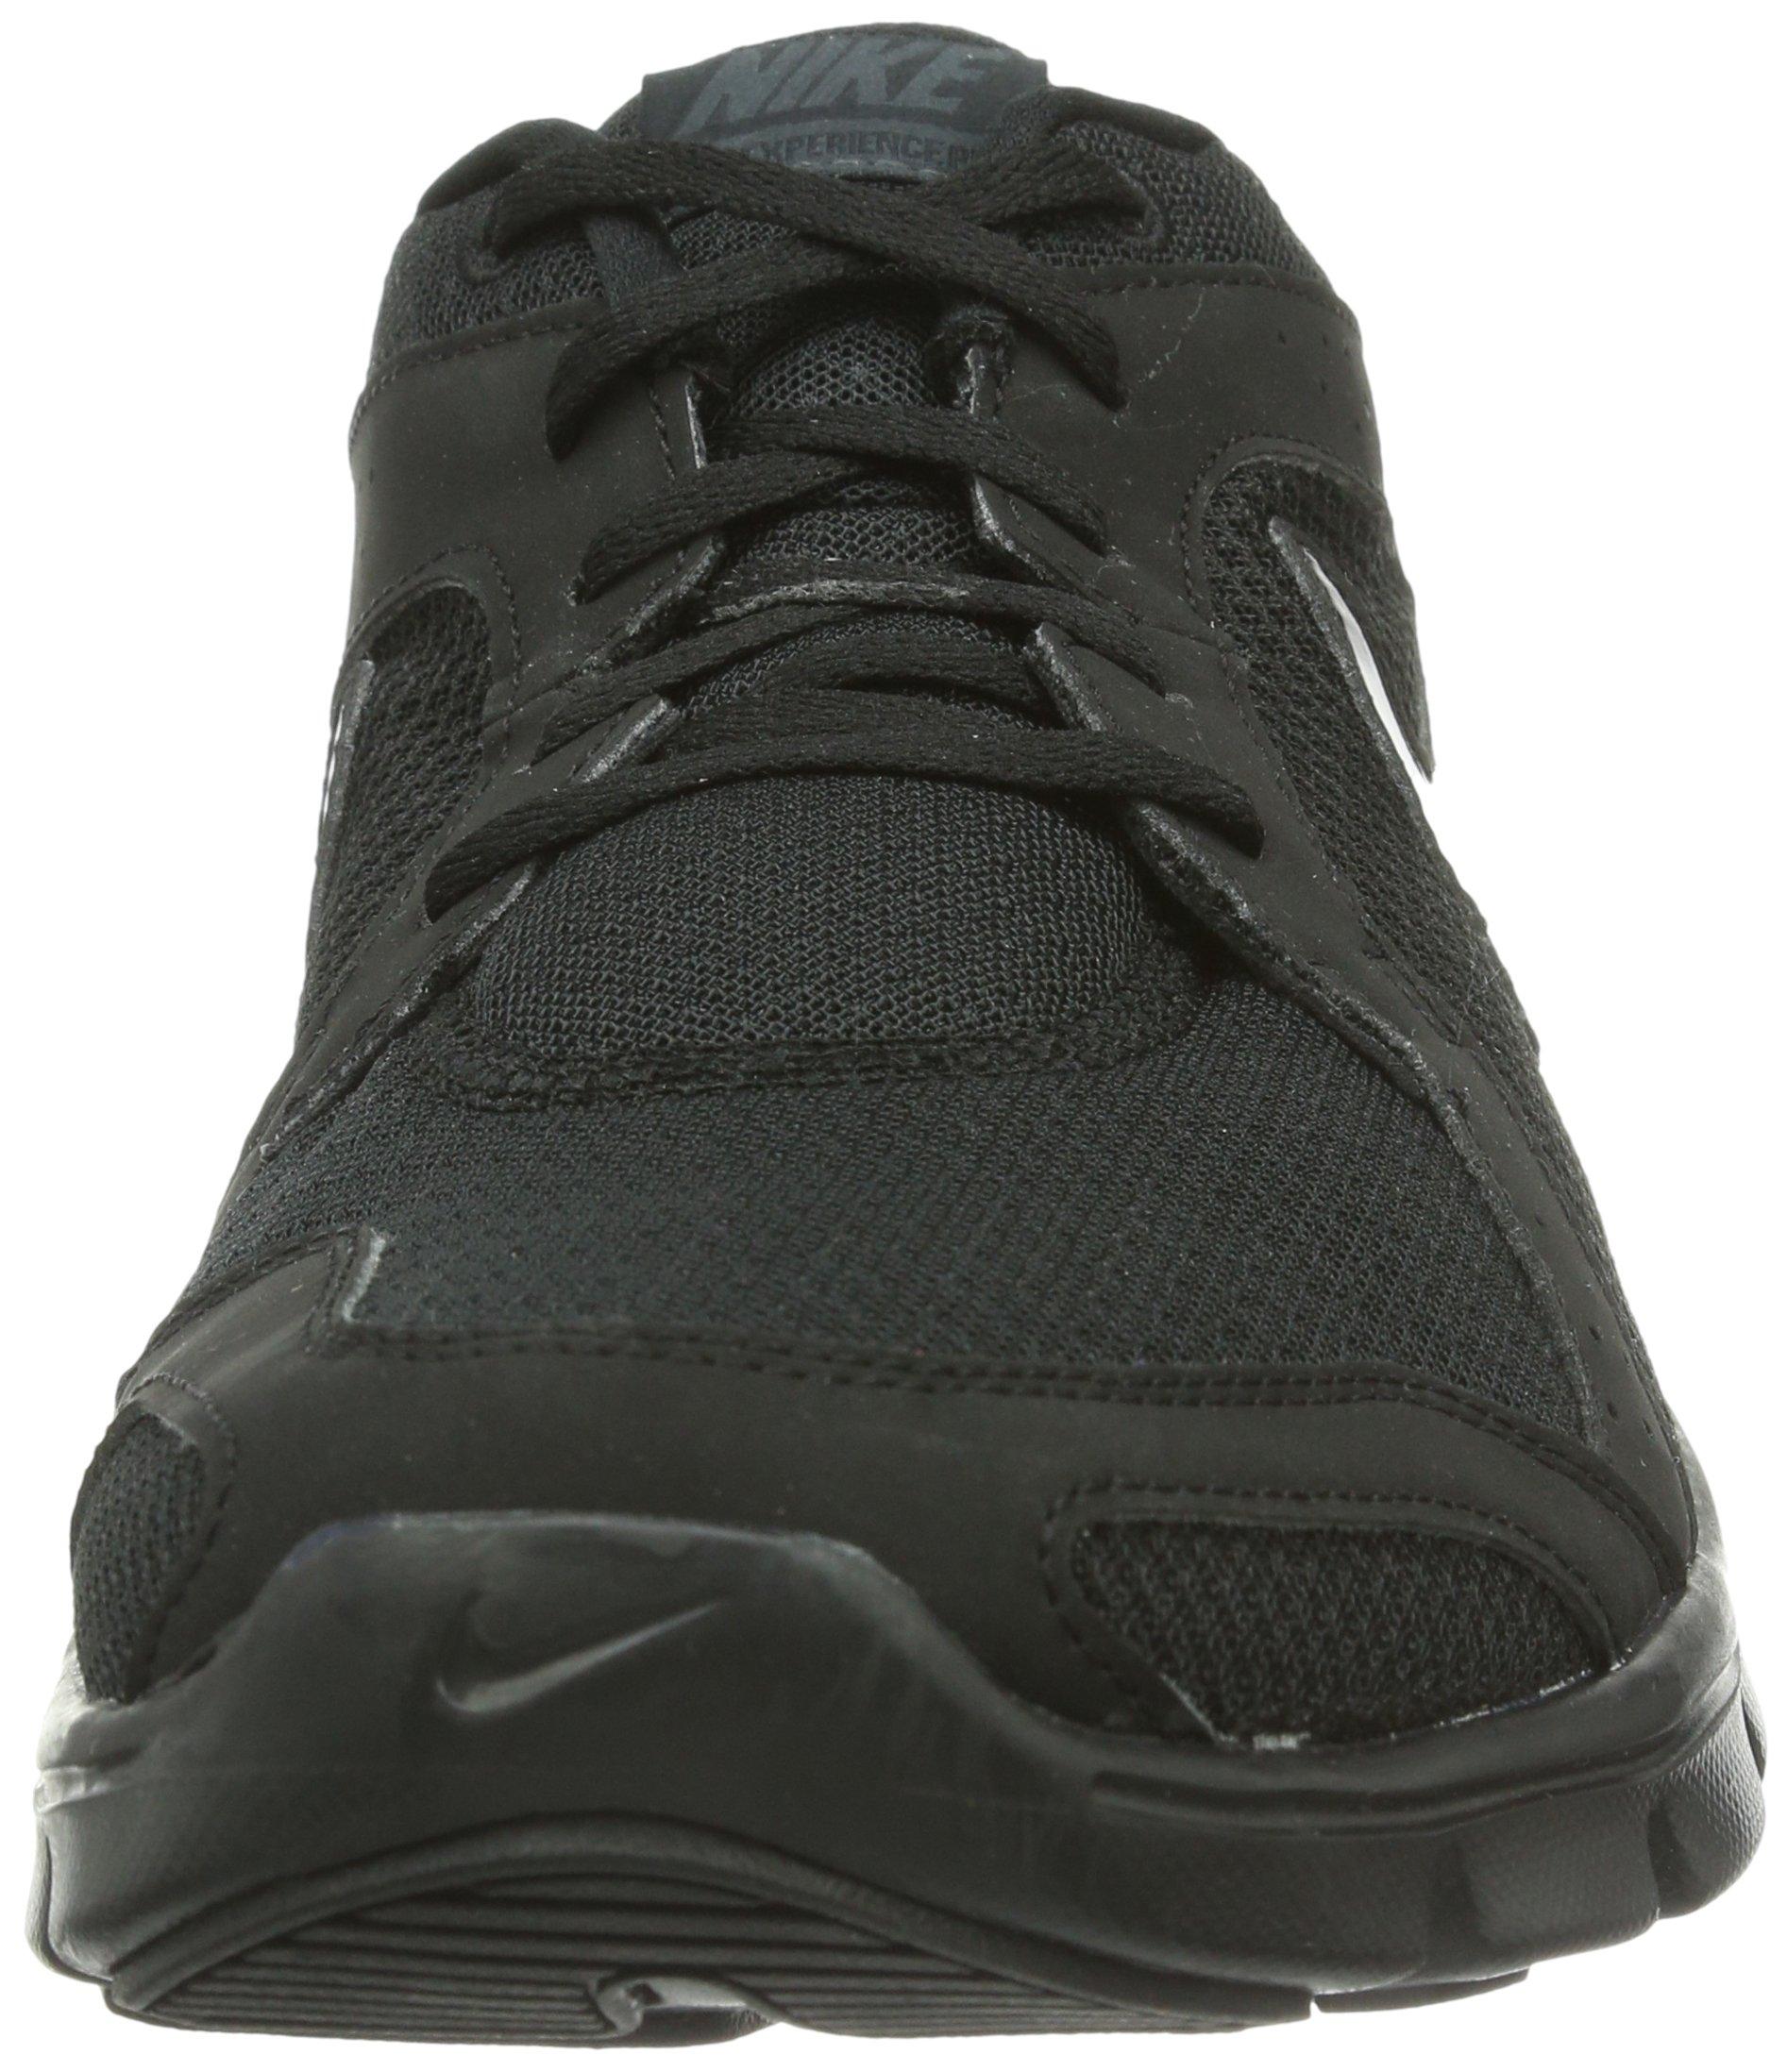 81VL42wXctL - Nike Women's sneakers